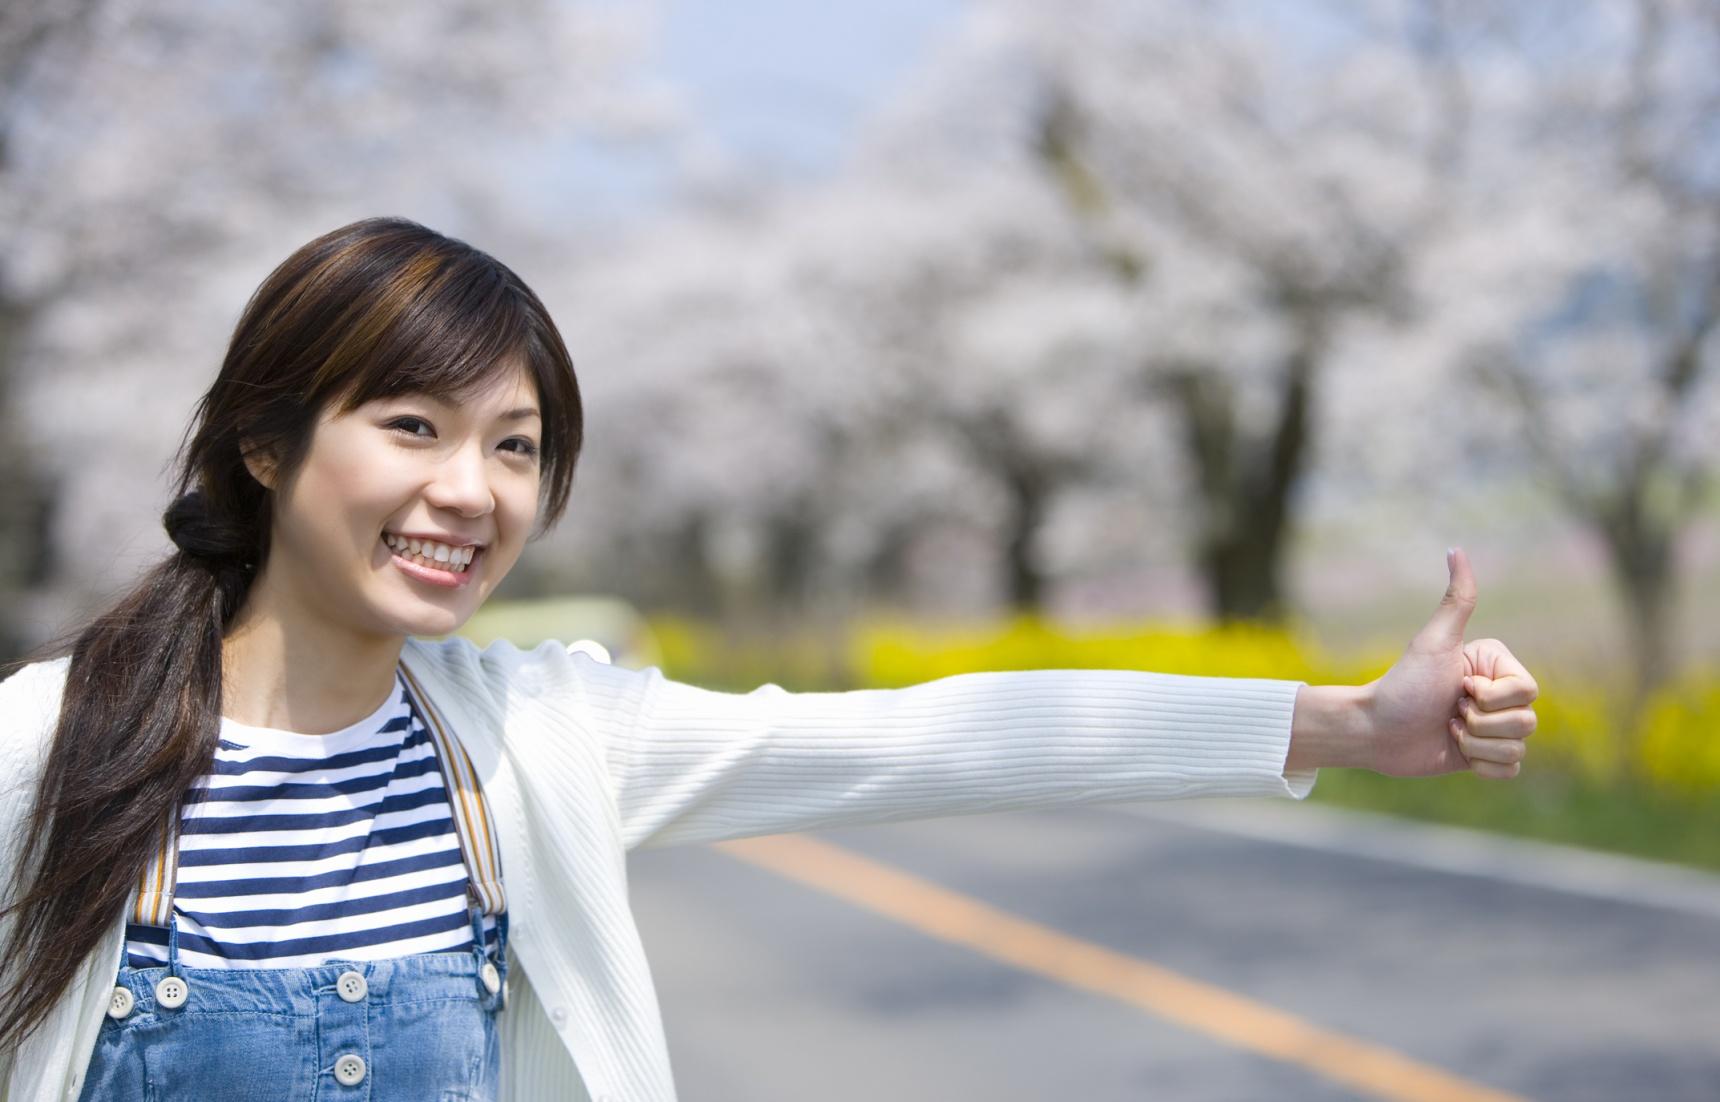 智游人|日本自由行必读,来东北旅行时的交通方式最全整理